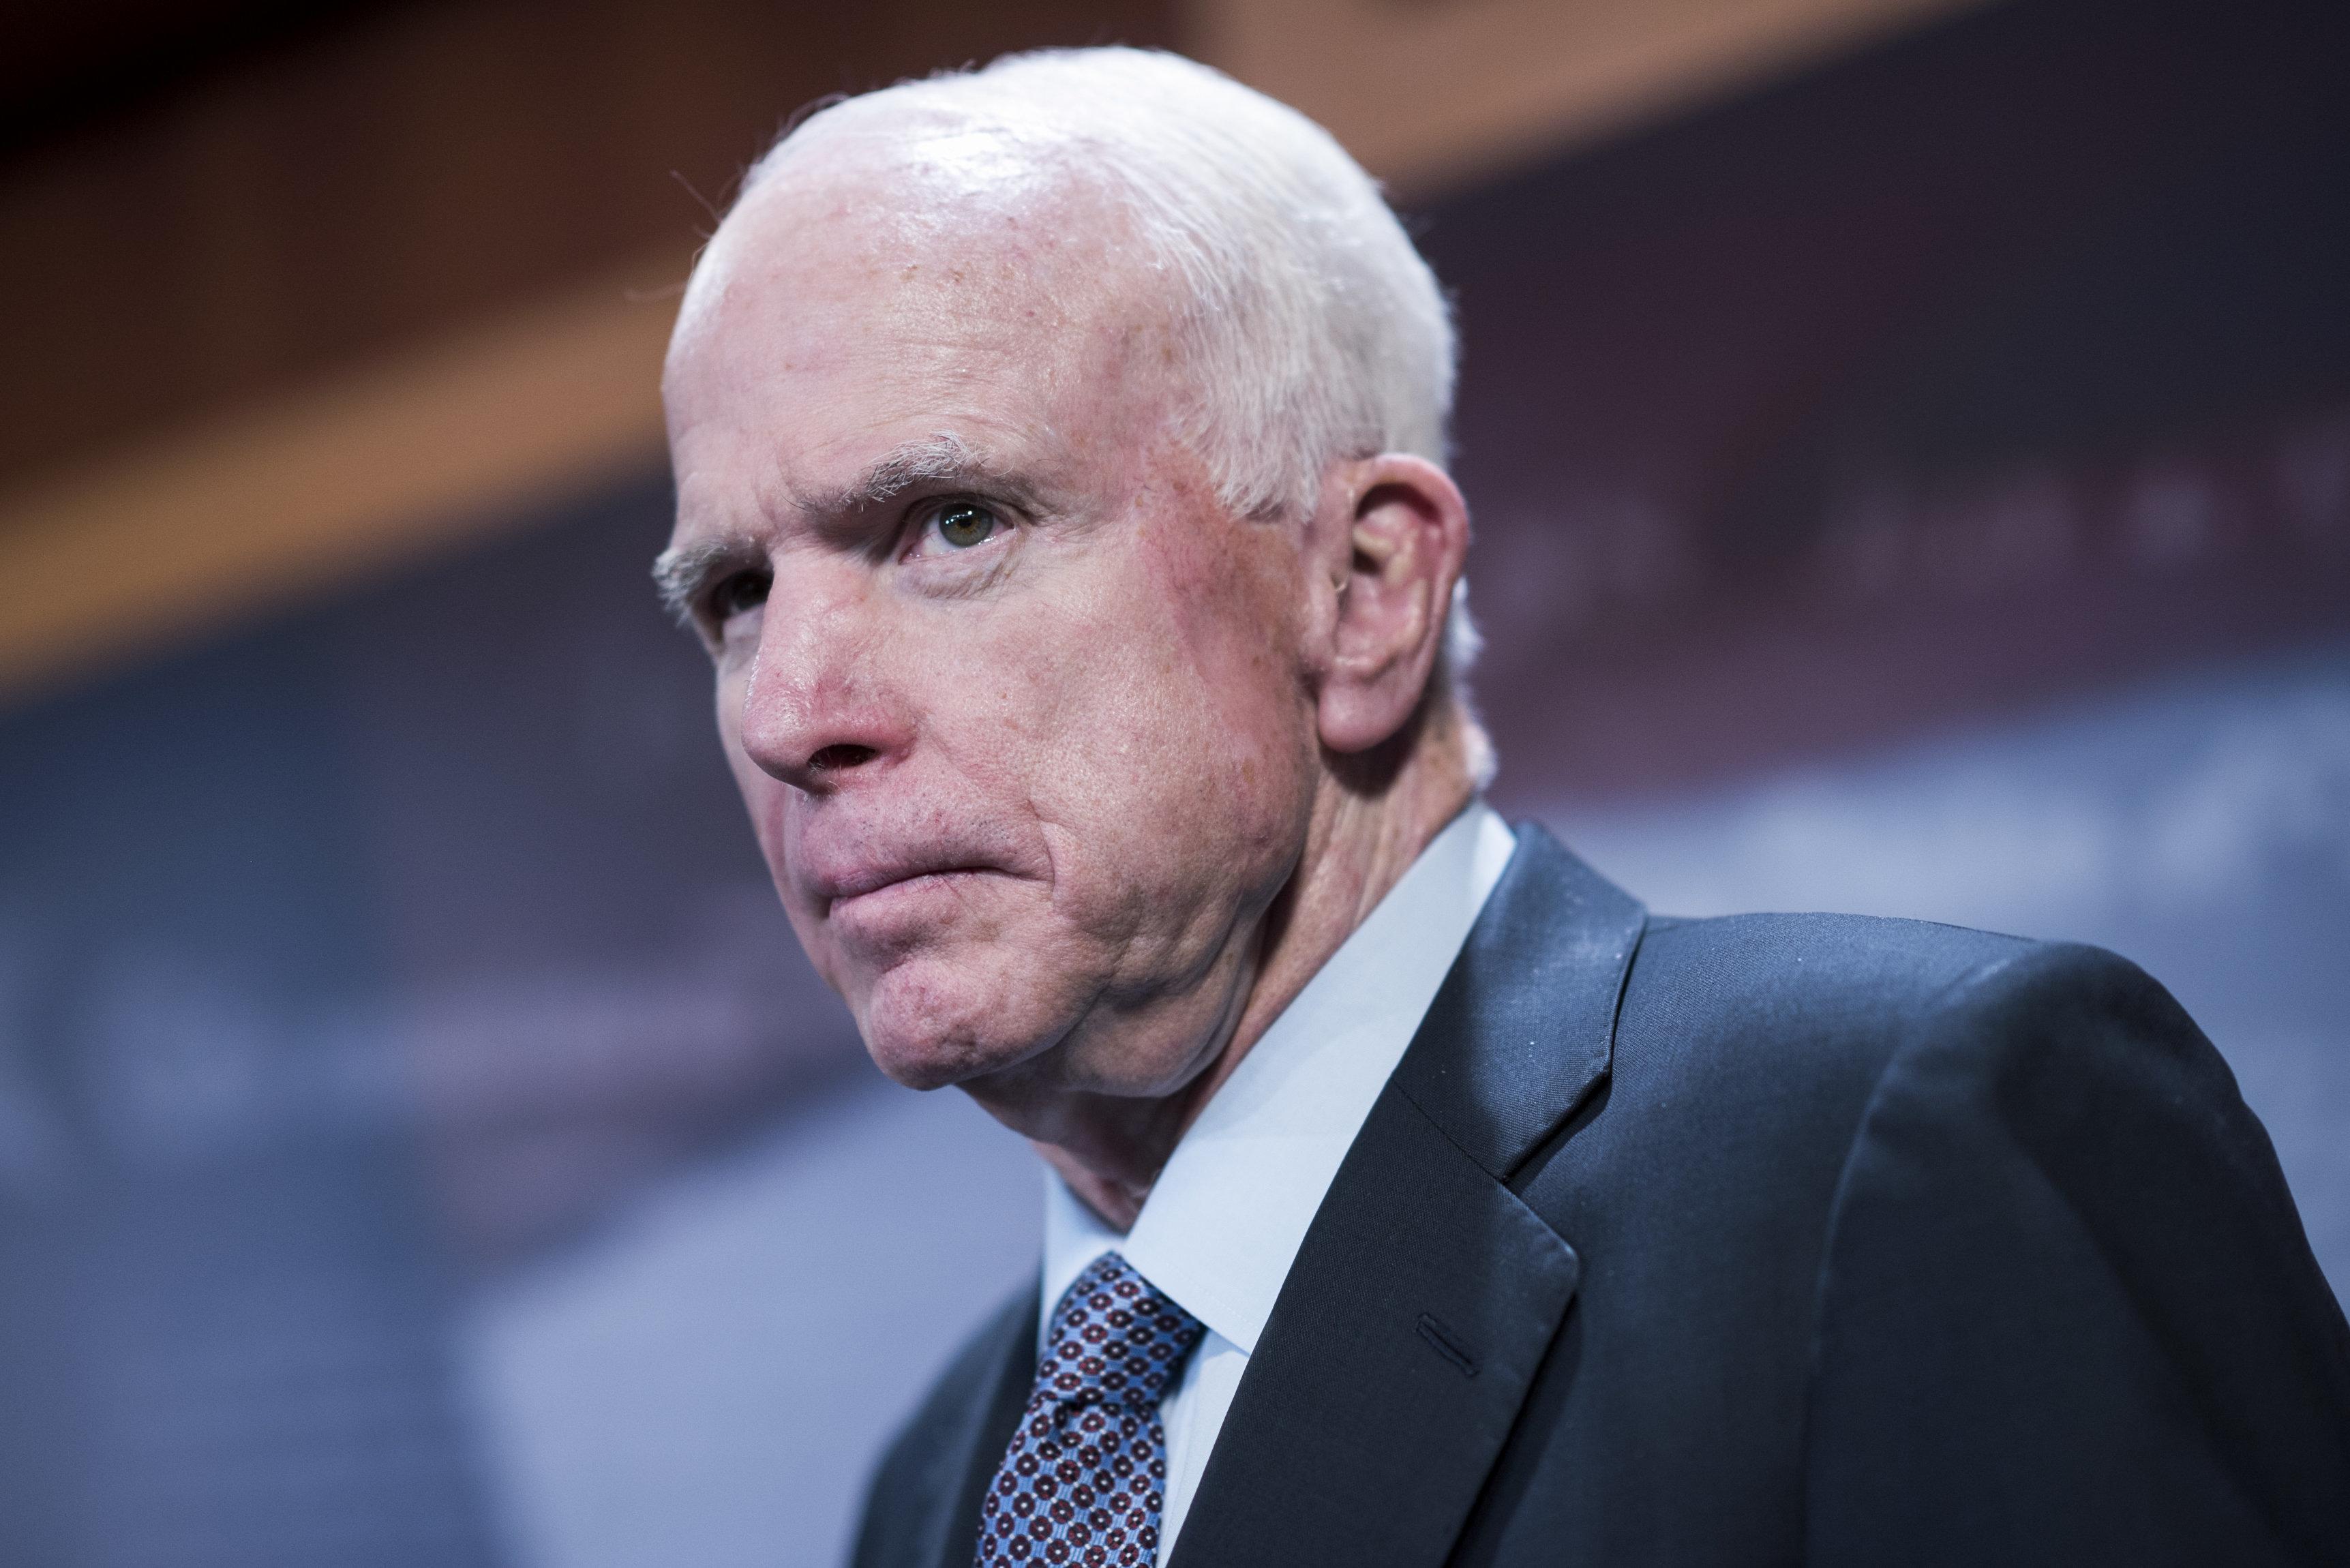 존 매케인 美공화당 상원의원이 별세했다